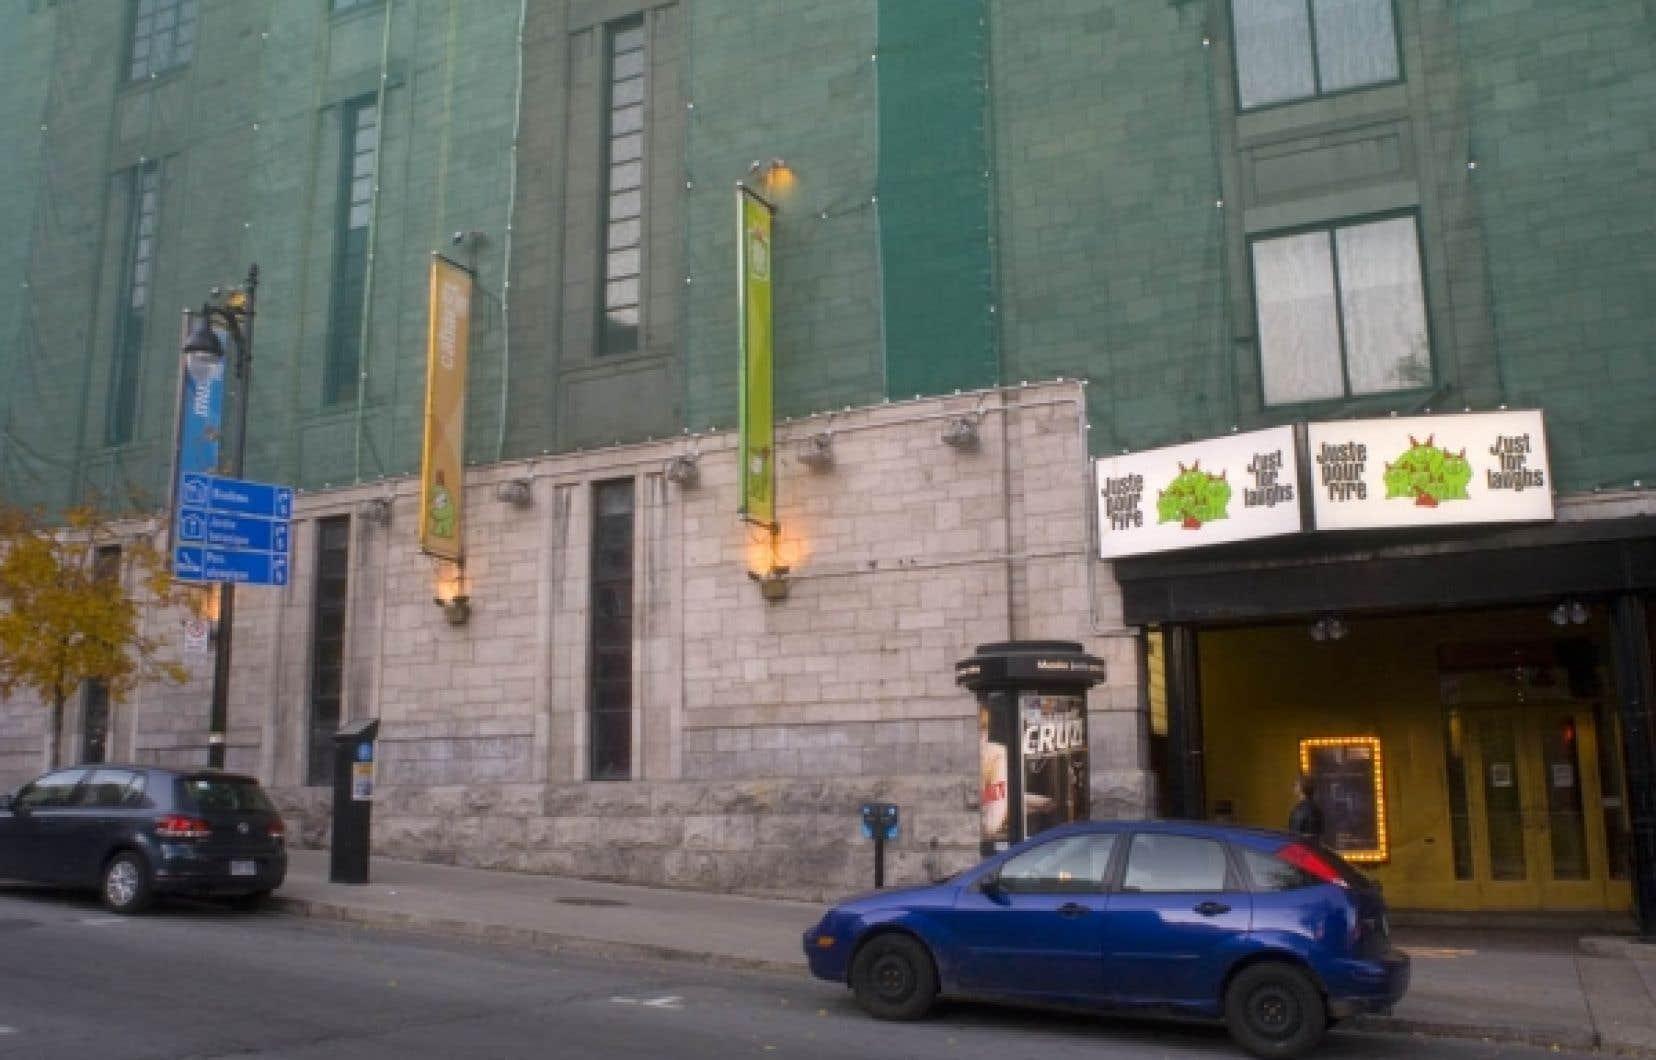 Le Mus&eacute;e Juste pour rire, situ&eacute; sur le boulevard Saint-Laurent, &agrave; Montr&eacute;al, mettra la cl&eacute; dans la porte. Cette fermeture, effective le 1er janvier, &eacute;tait devenue in&eacute;vitable.<br />